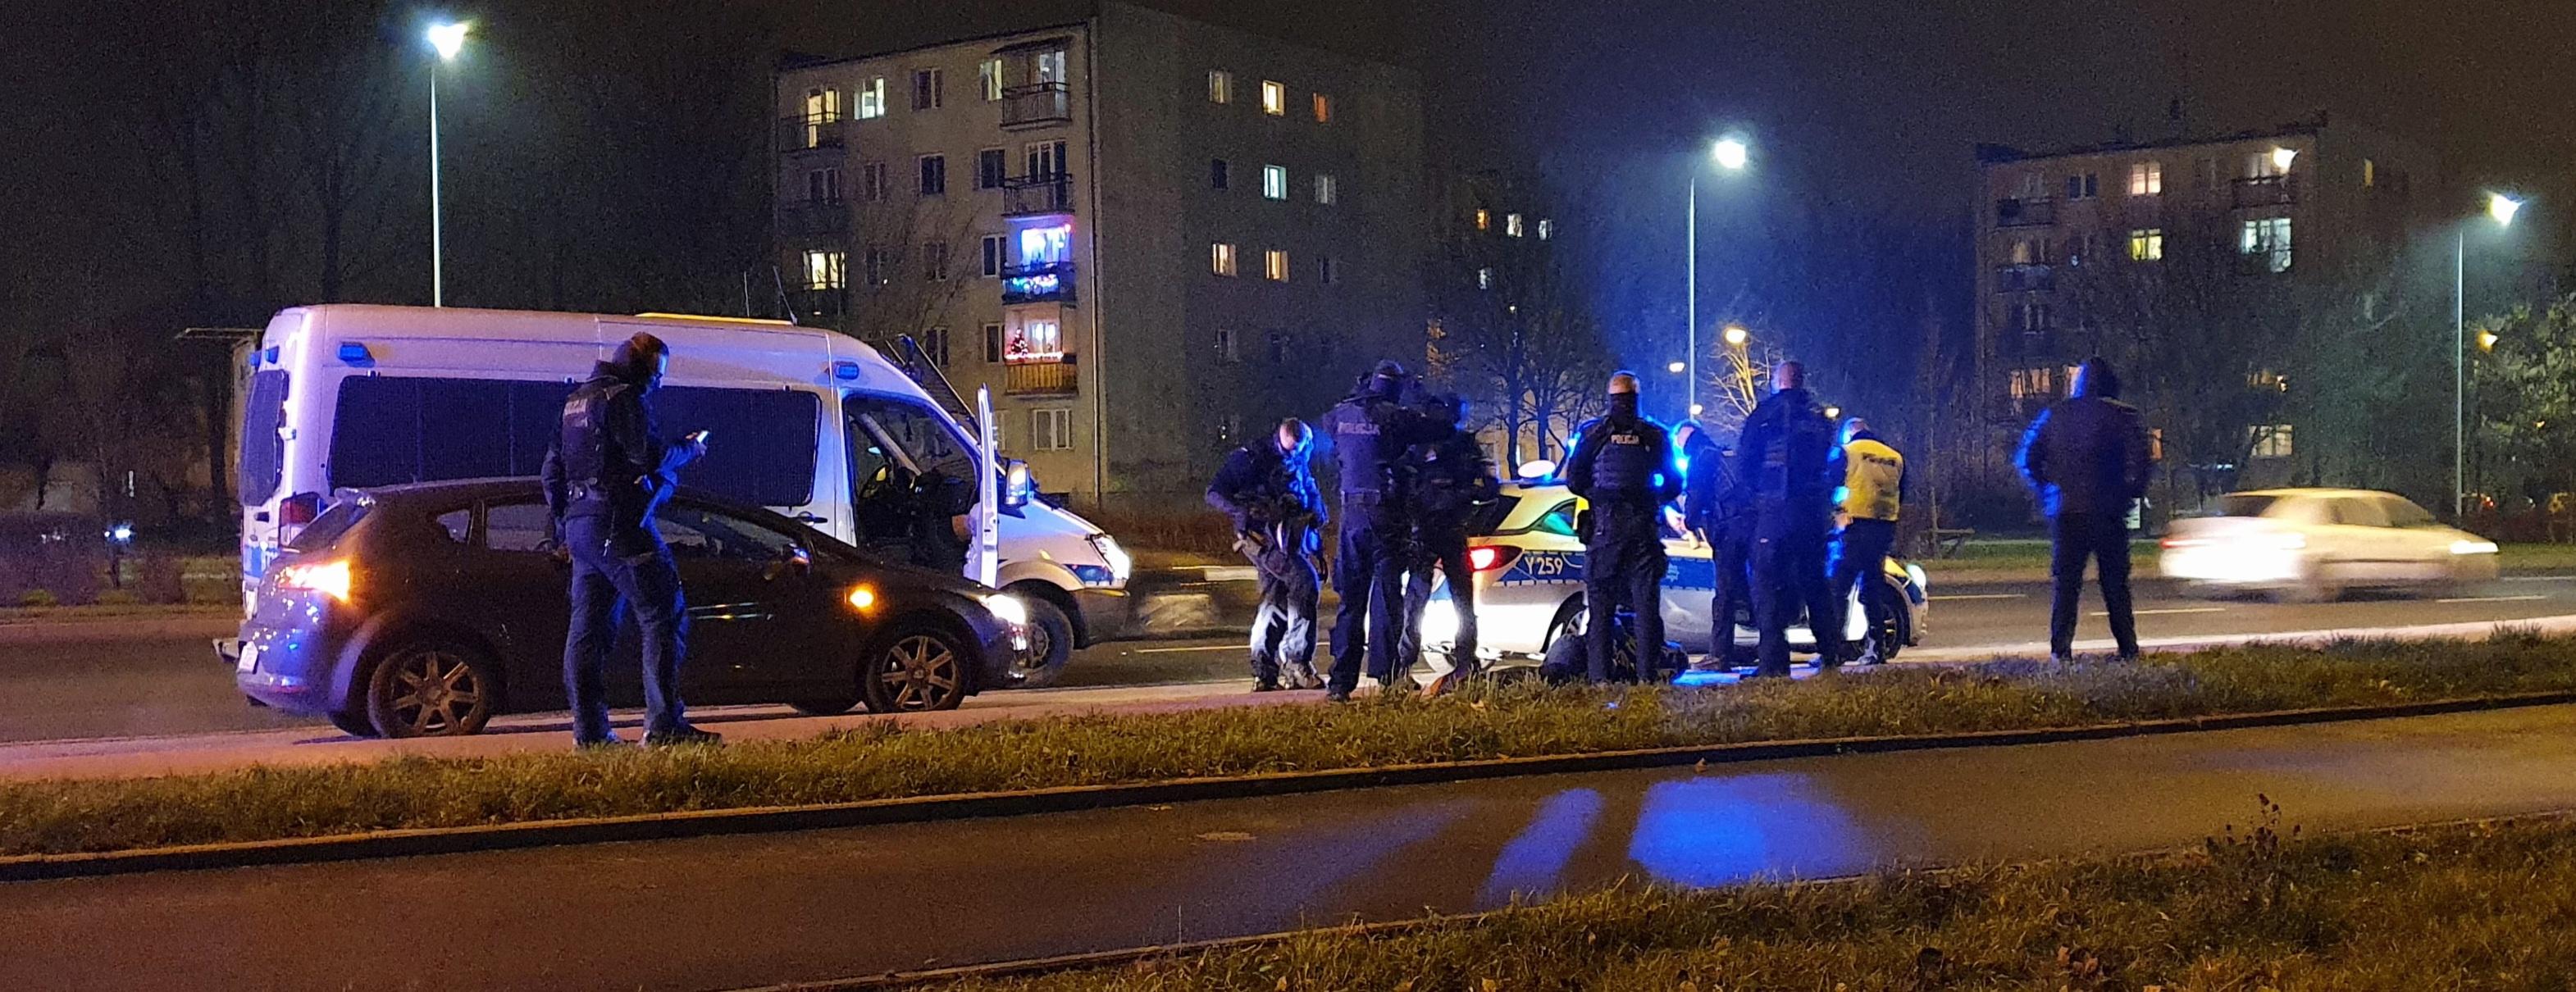 Policja o interwencji na Piłsudskiego: mężczyzna szarpał się i kopał funkcjonariuszy  - Zdjęcie główne